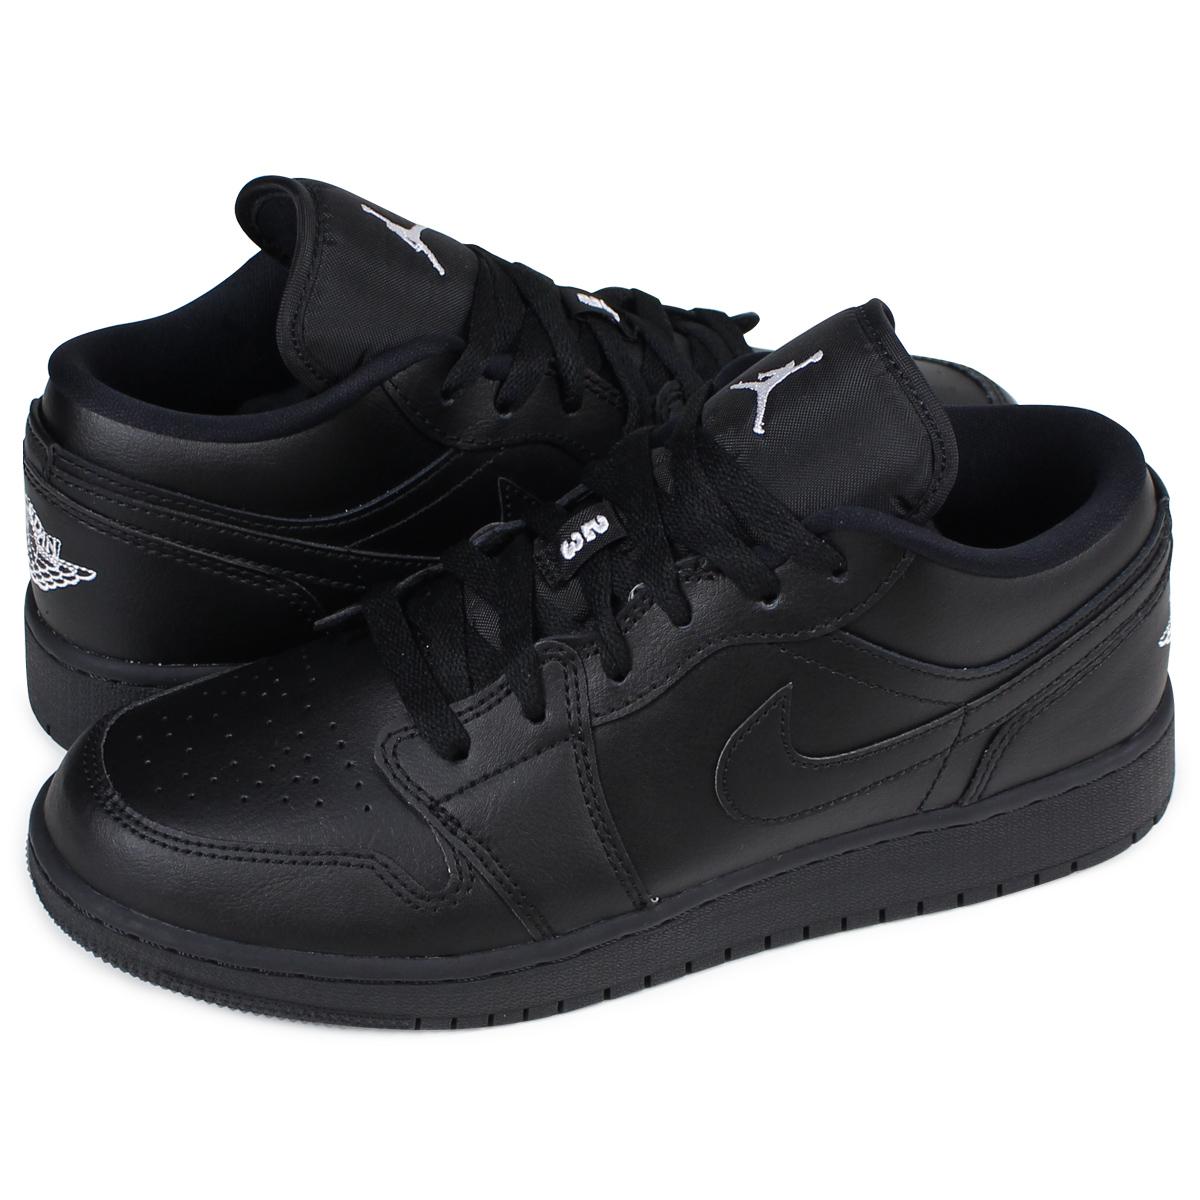 newest 81836 ea4a7 ... order nike air jordan 1 bg nike air jordan 1 low ladys sneakers 553560 006  shoes